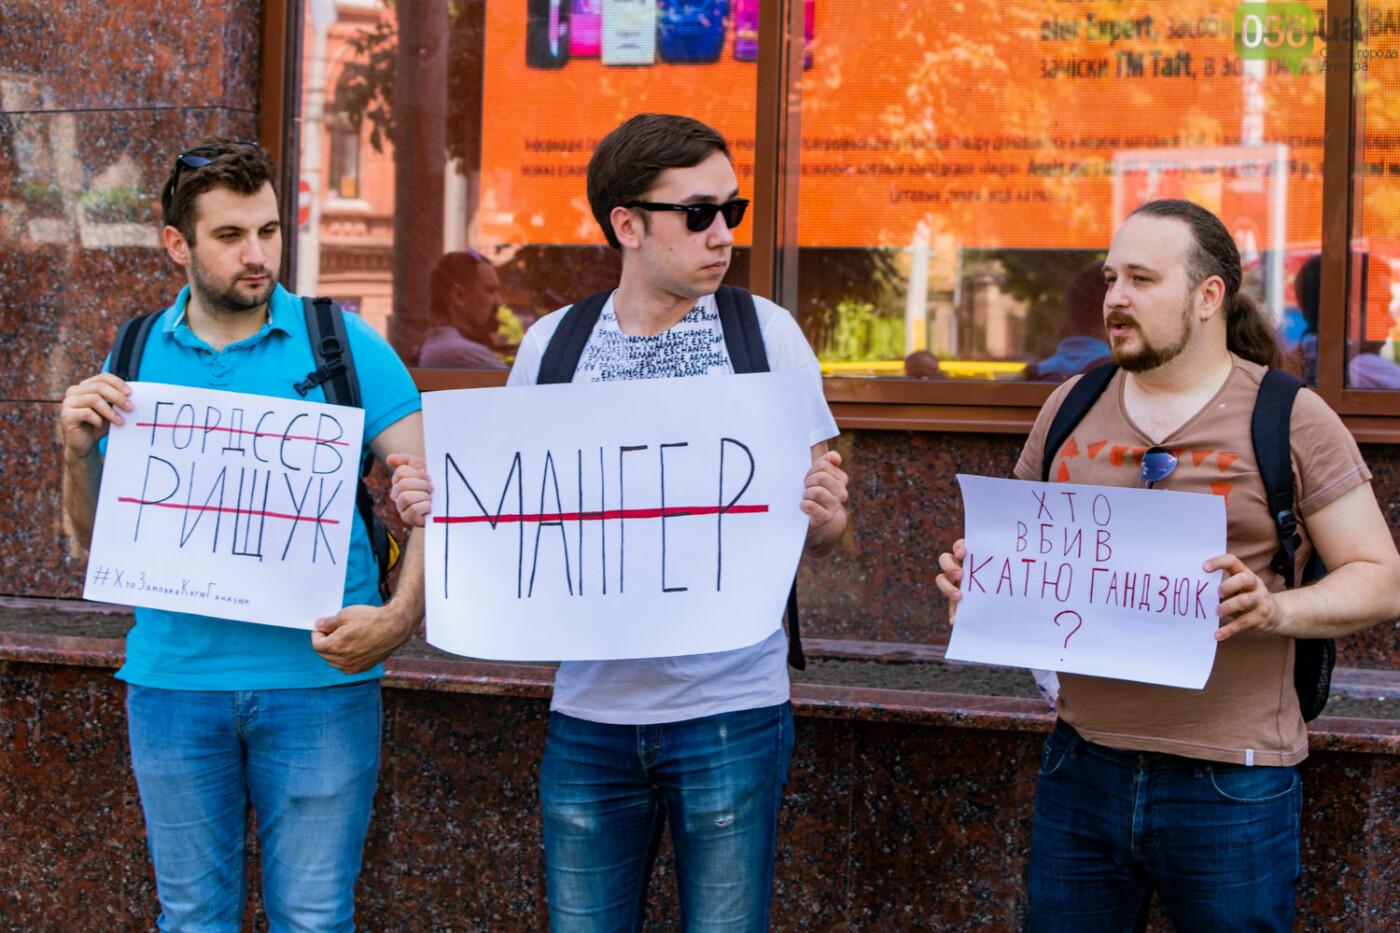 Фаера, плакаты и активисты: в центре Днепра прошла акция «Хто замовив Катю Гандзюк?», - ФОТОРЕПОРТАЖ, фото-5